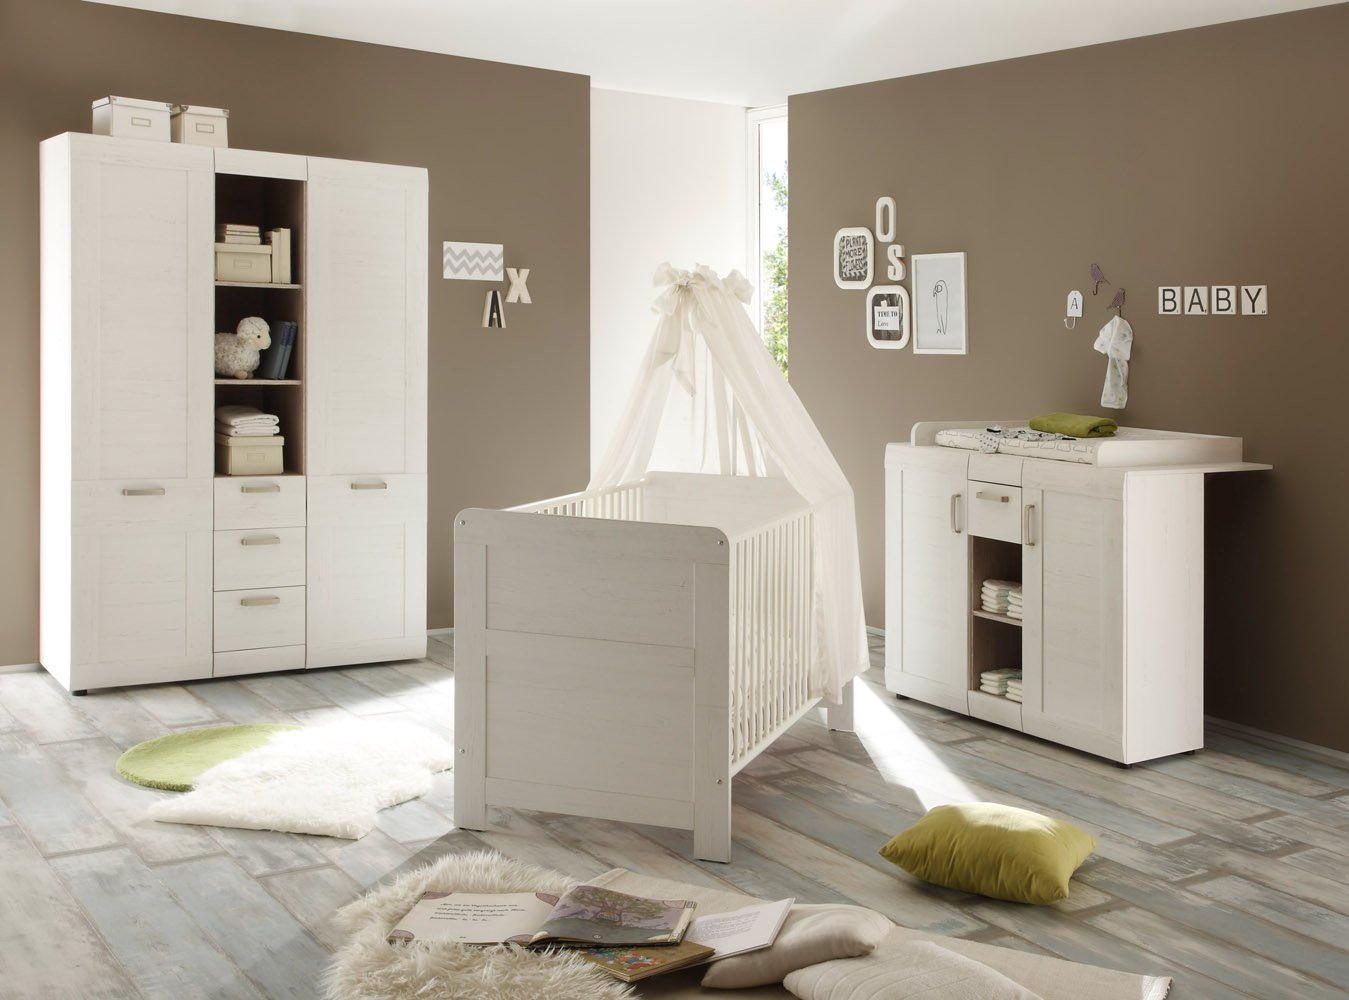 Trendteam smart living Babyzimmer Auszug für Babybett Kinderbett auf Rollen Landi, 70 x 16 x 139 cm in Pinie Weiß Struktur (Nb.) im Landhausstil